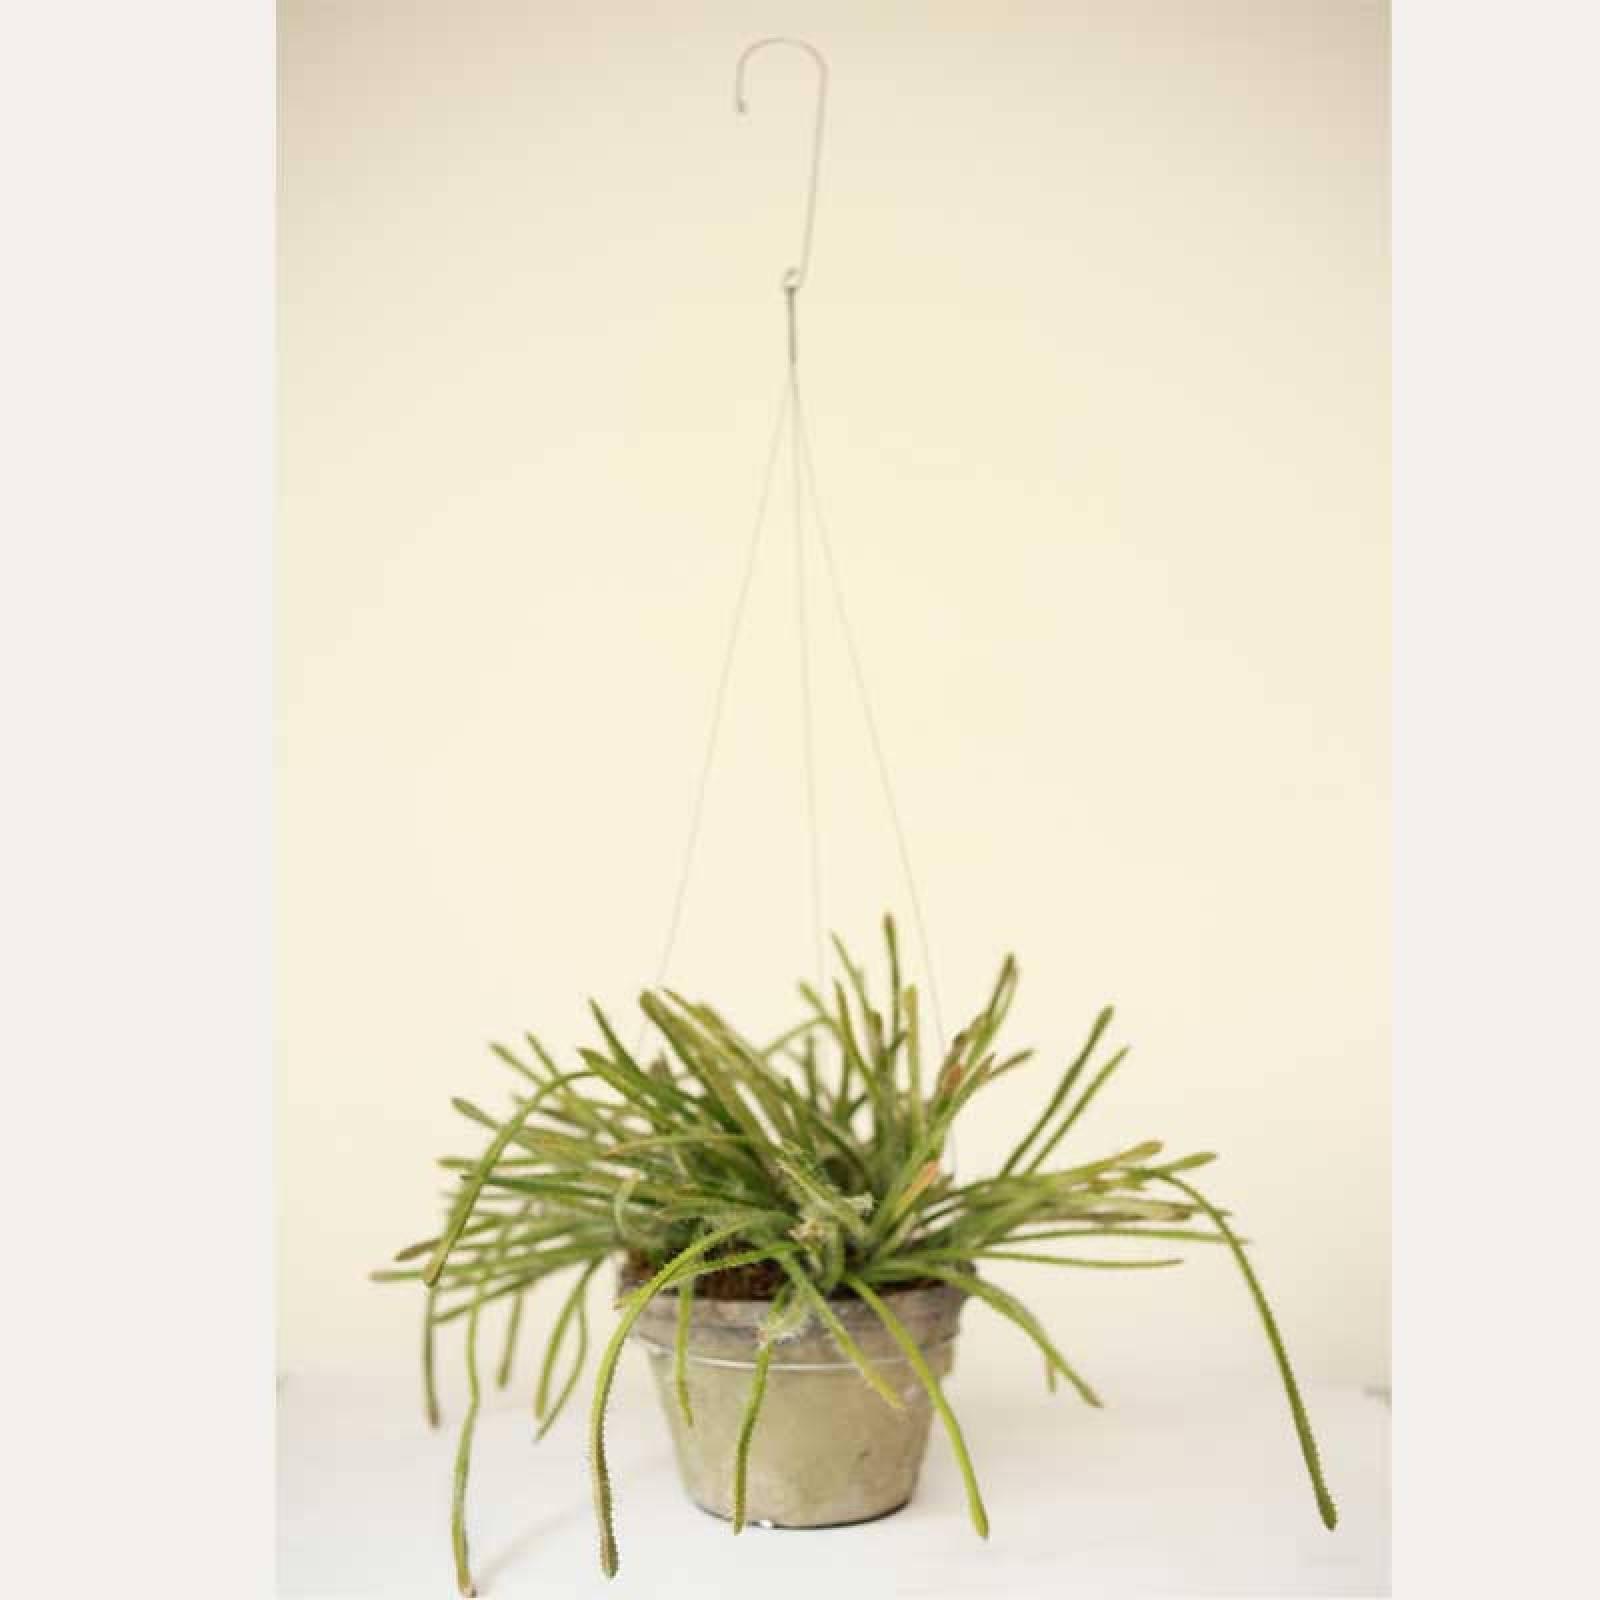 Hanging Faux Succulent Plant In Pot thumbnails